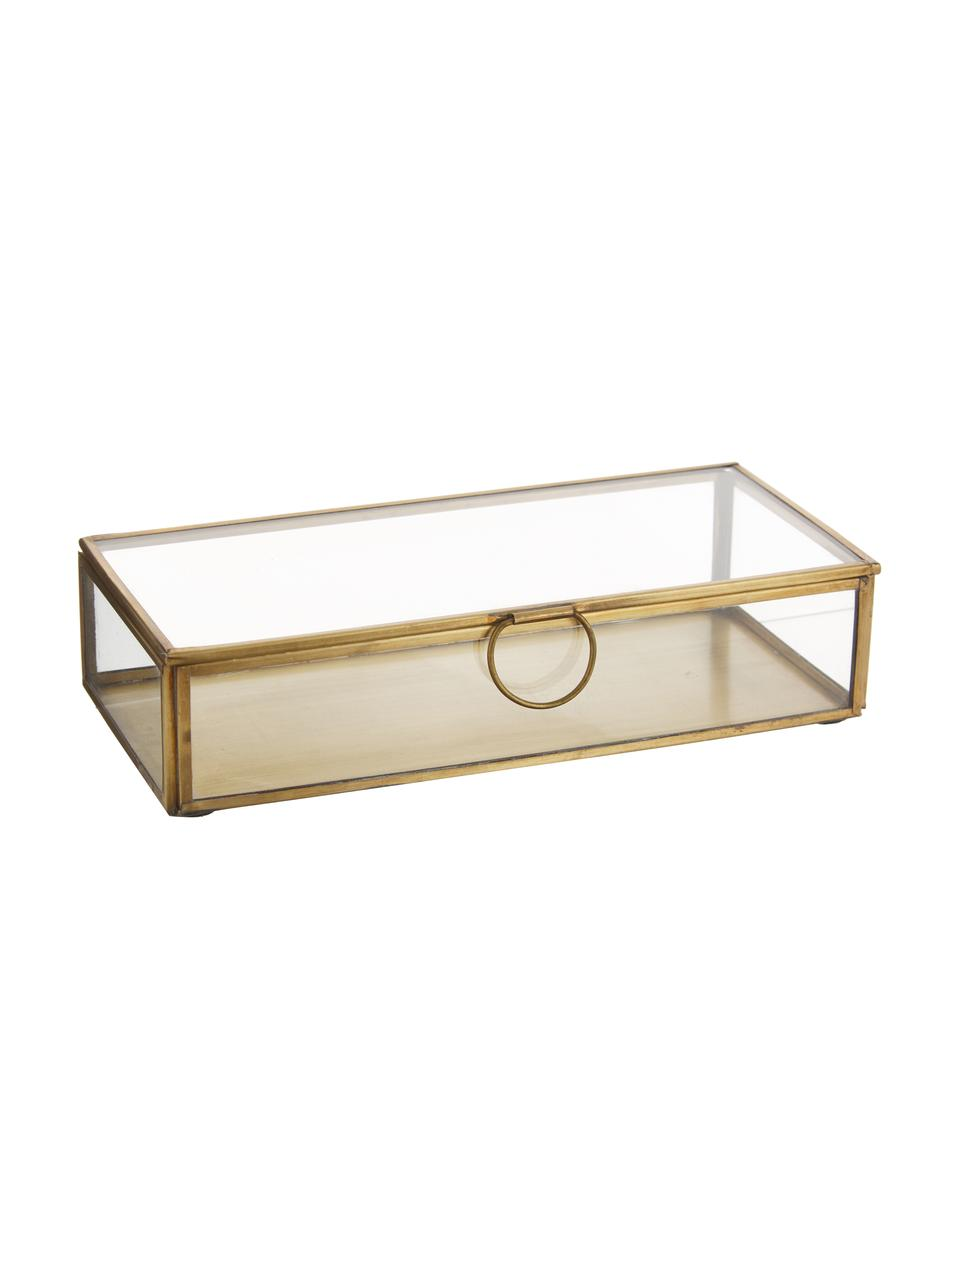 Pudełko do przechowywania Janni, Mosiądz, szkło, Mosiądz, S 22 x G 10 cm